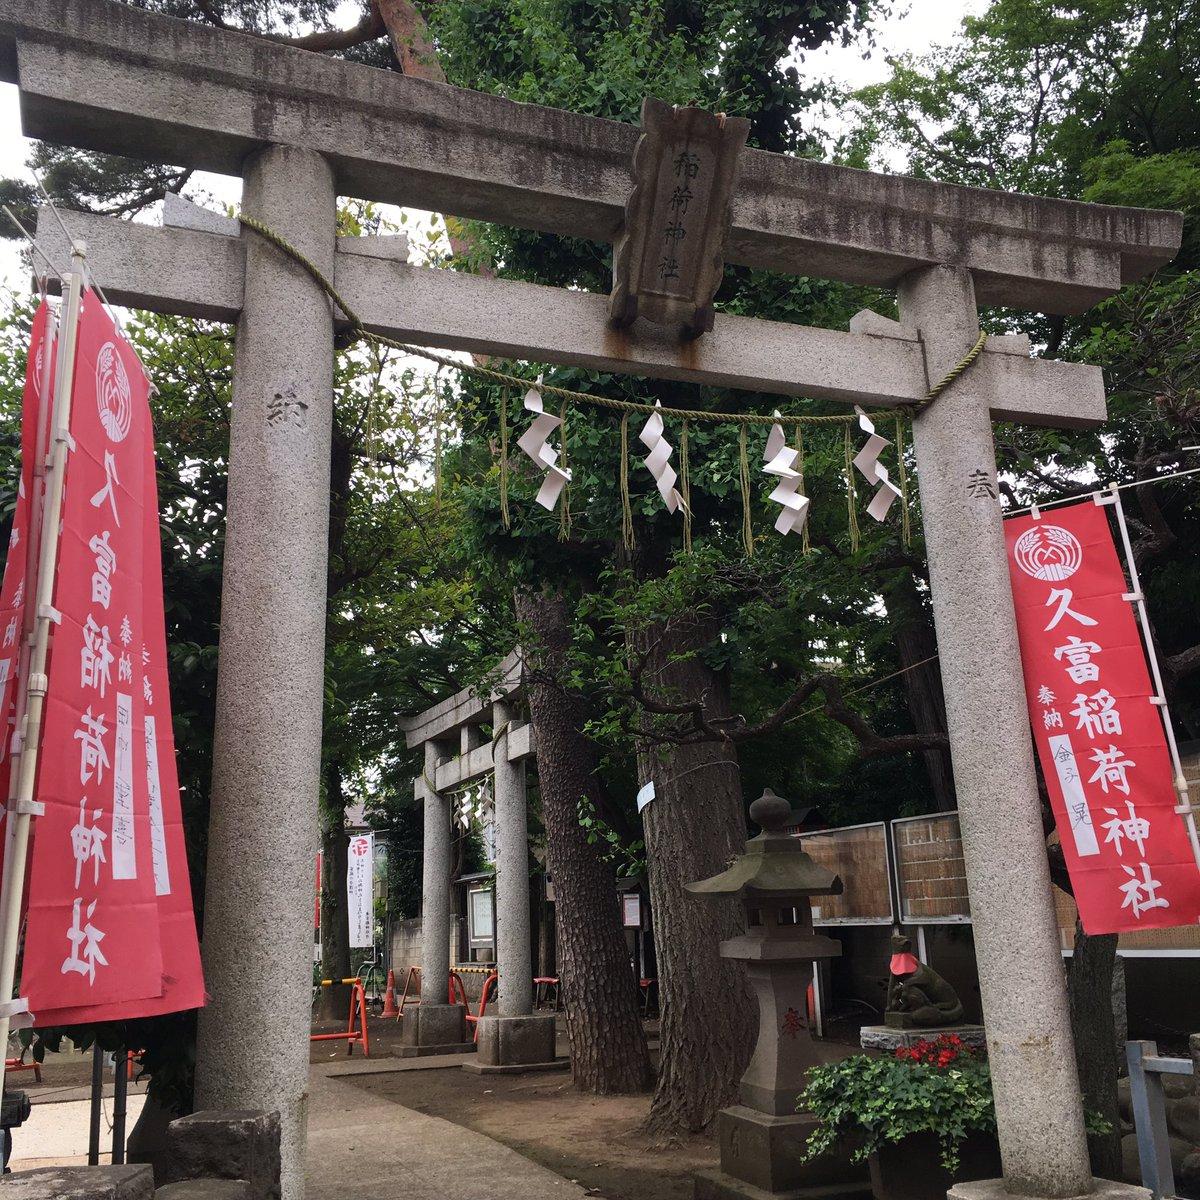 桜新町に降りたので久富稲荷神社に行ってみました⛩「ぎんぎつね」に出てくる冴木神社のモデル神社だそうです。御朱印もぎんぎつ